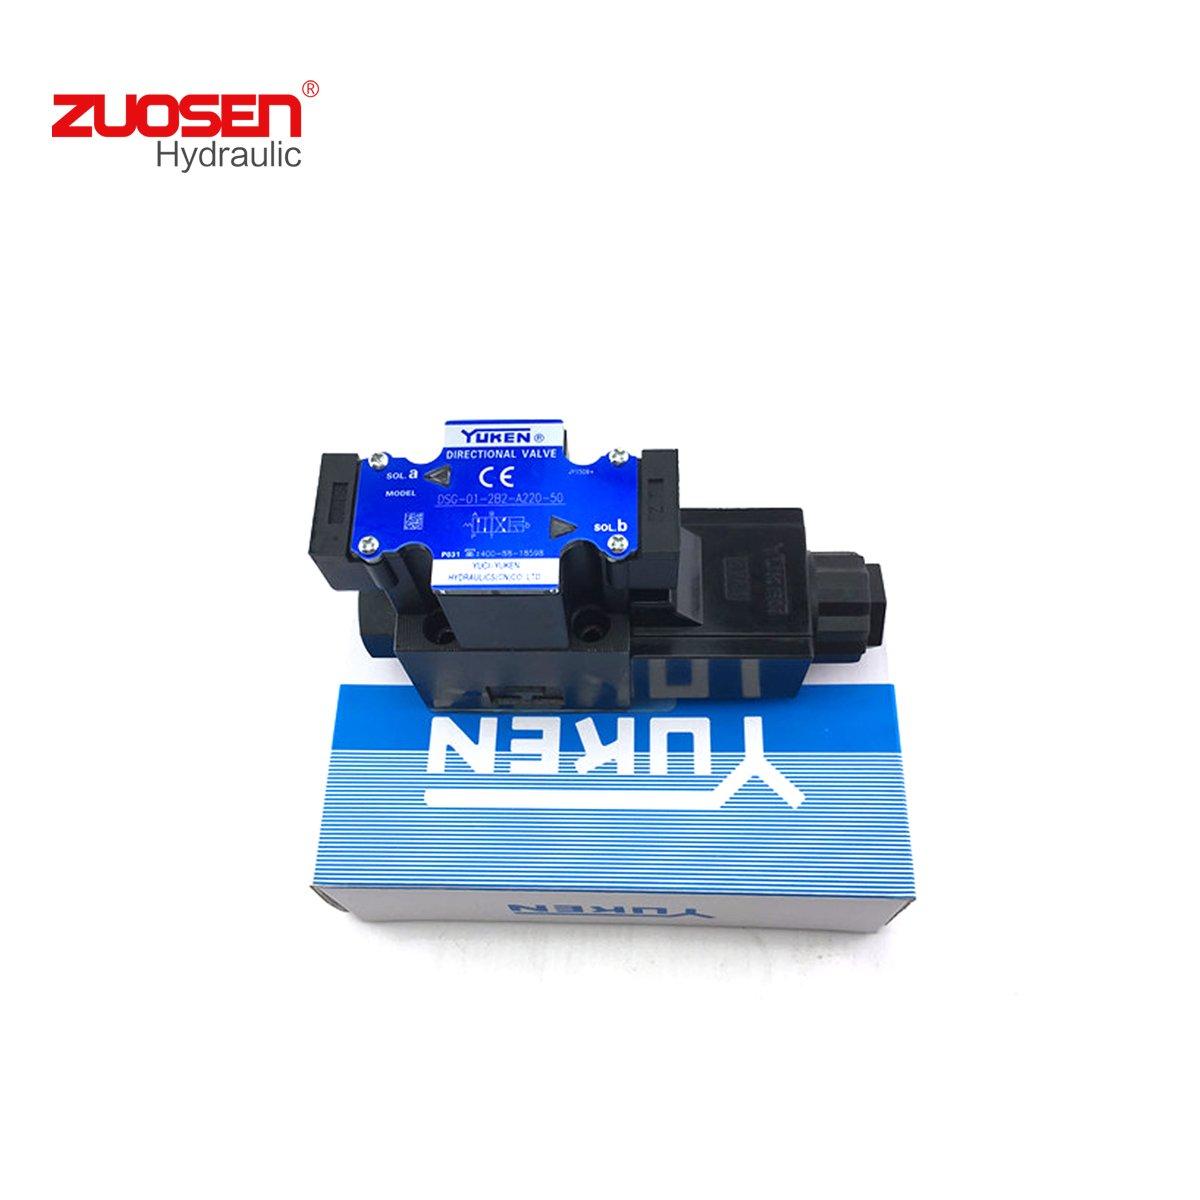 Yuken DSG-01-2B2-A220-70 Hydraulic Valves